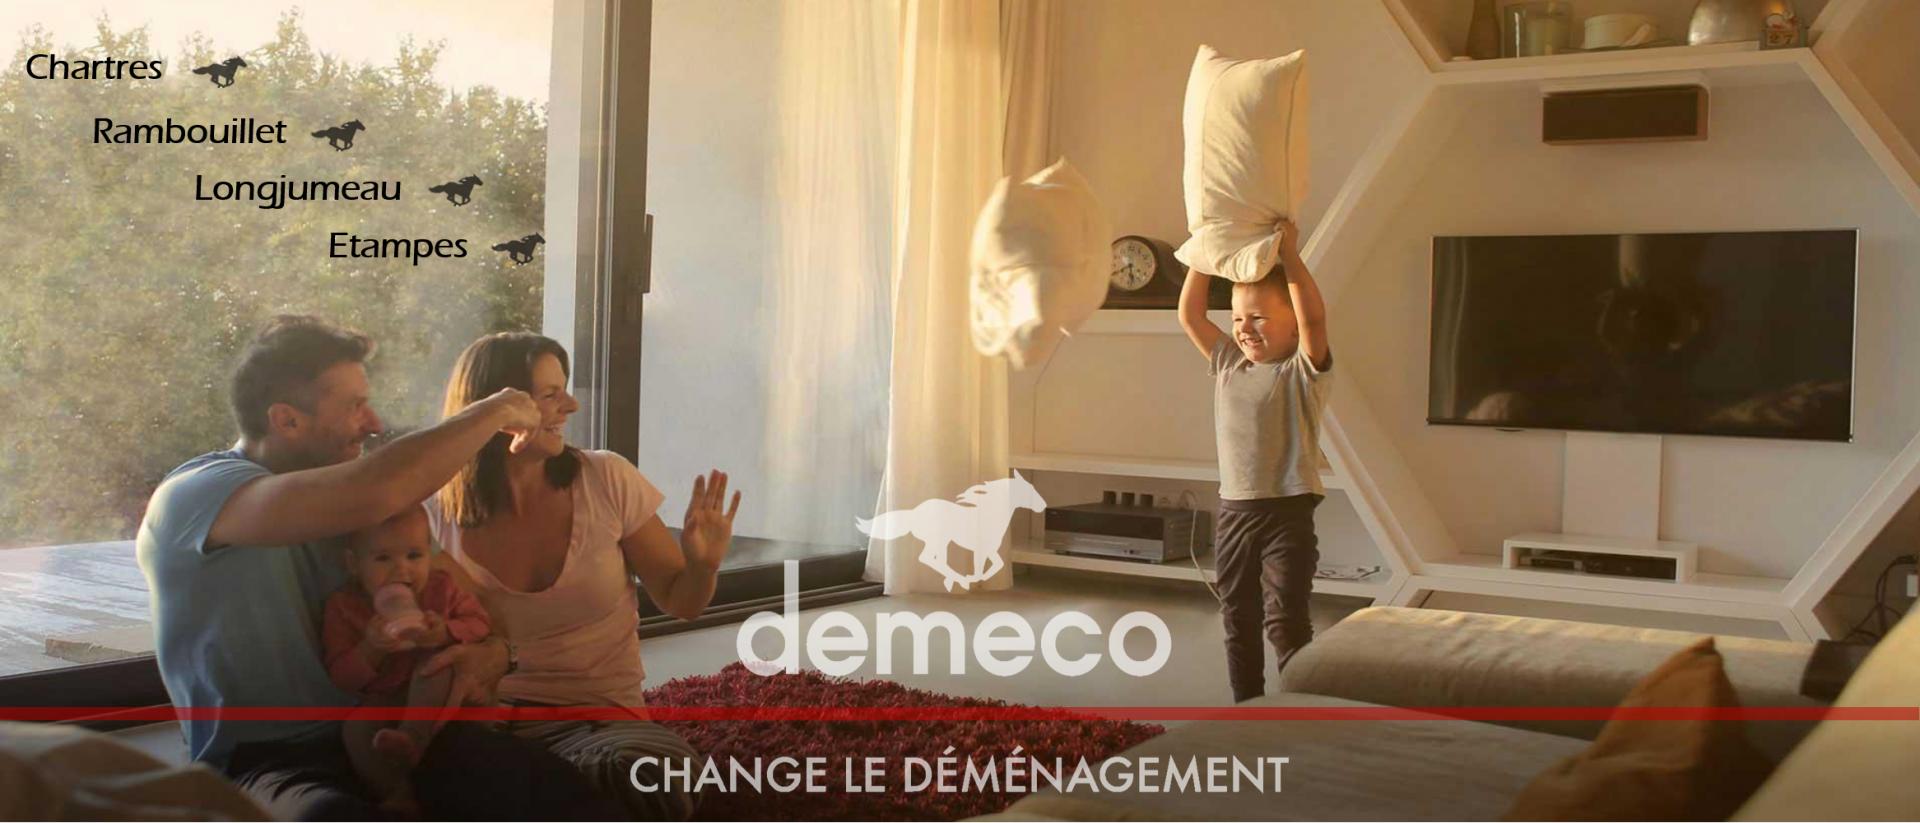 4 agences à votre service : Chartres, Rambouillet, Longjumeau et Étampes